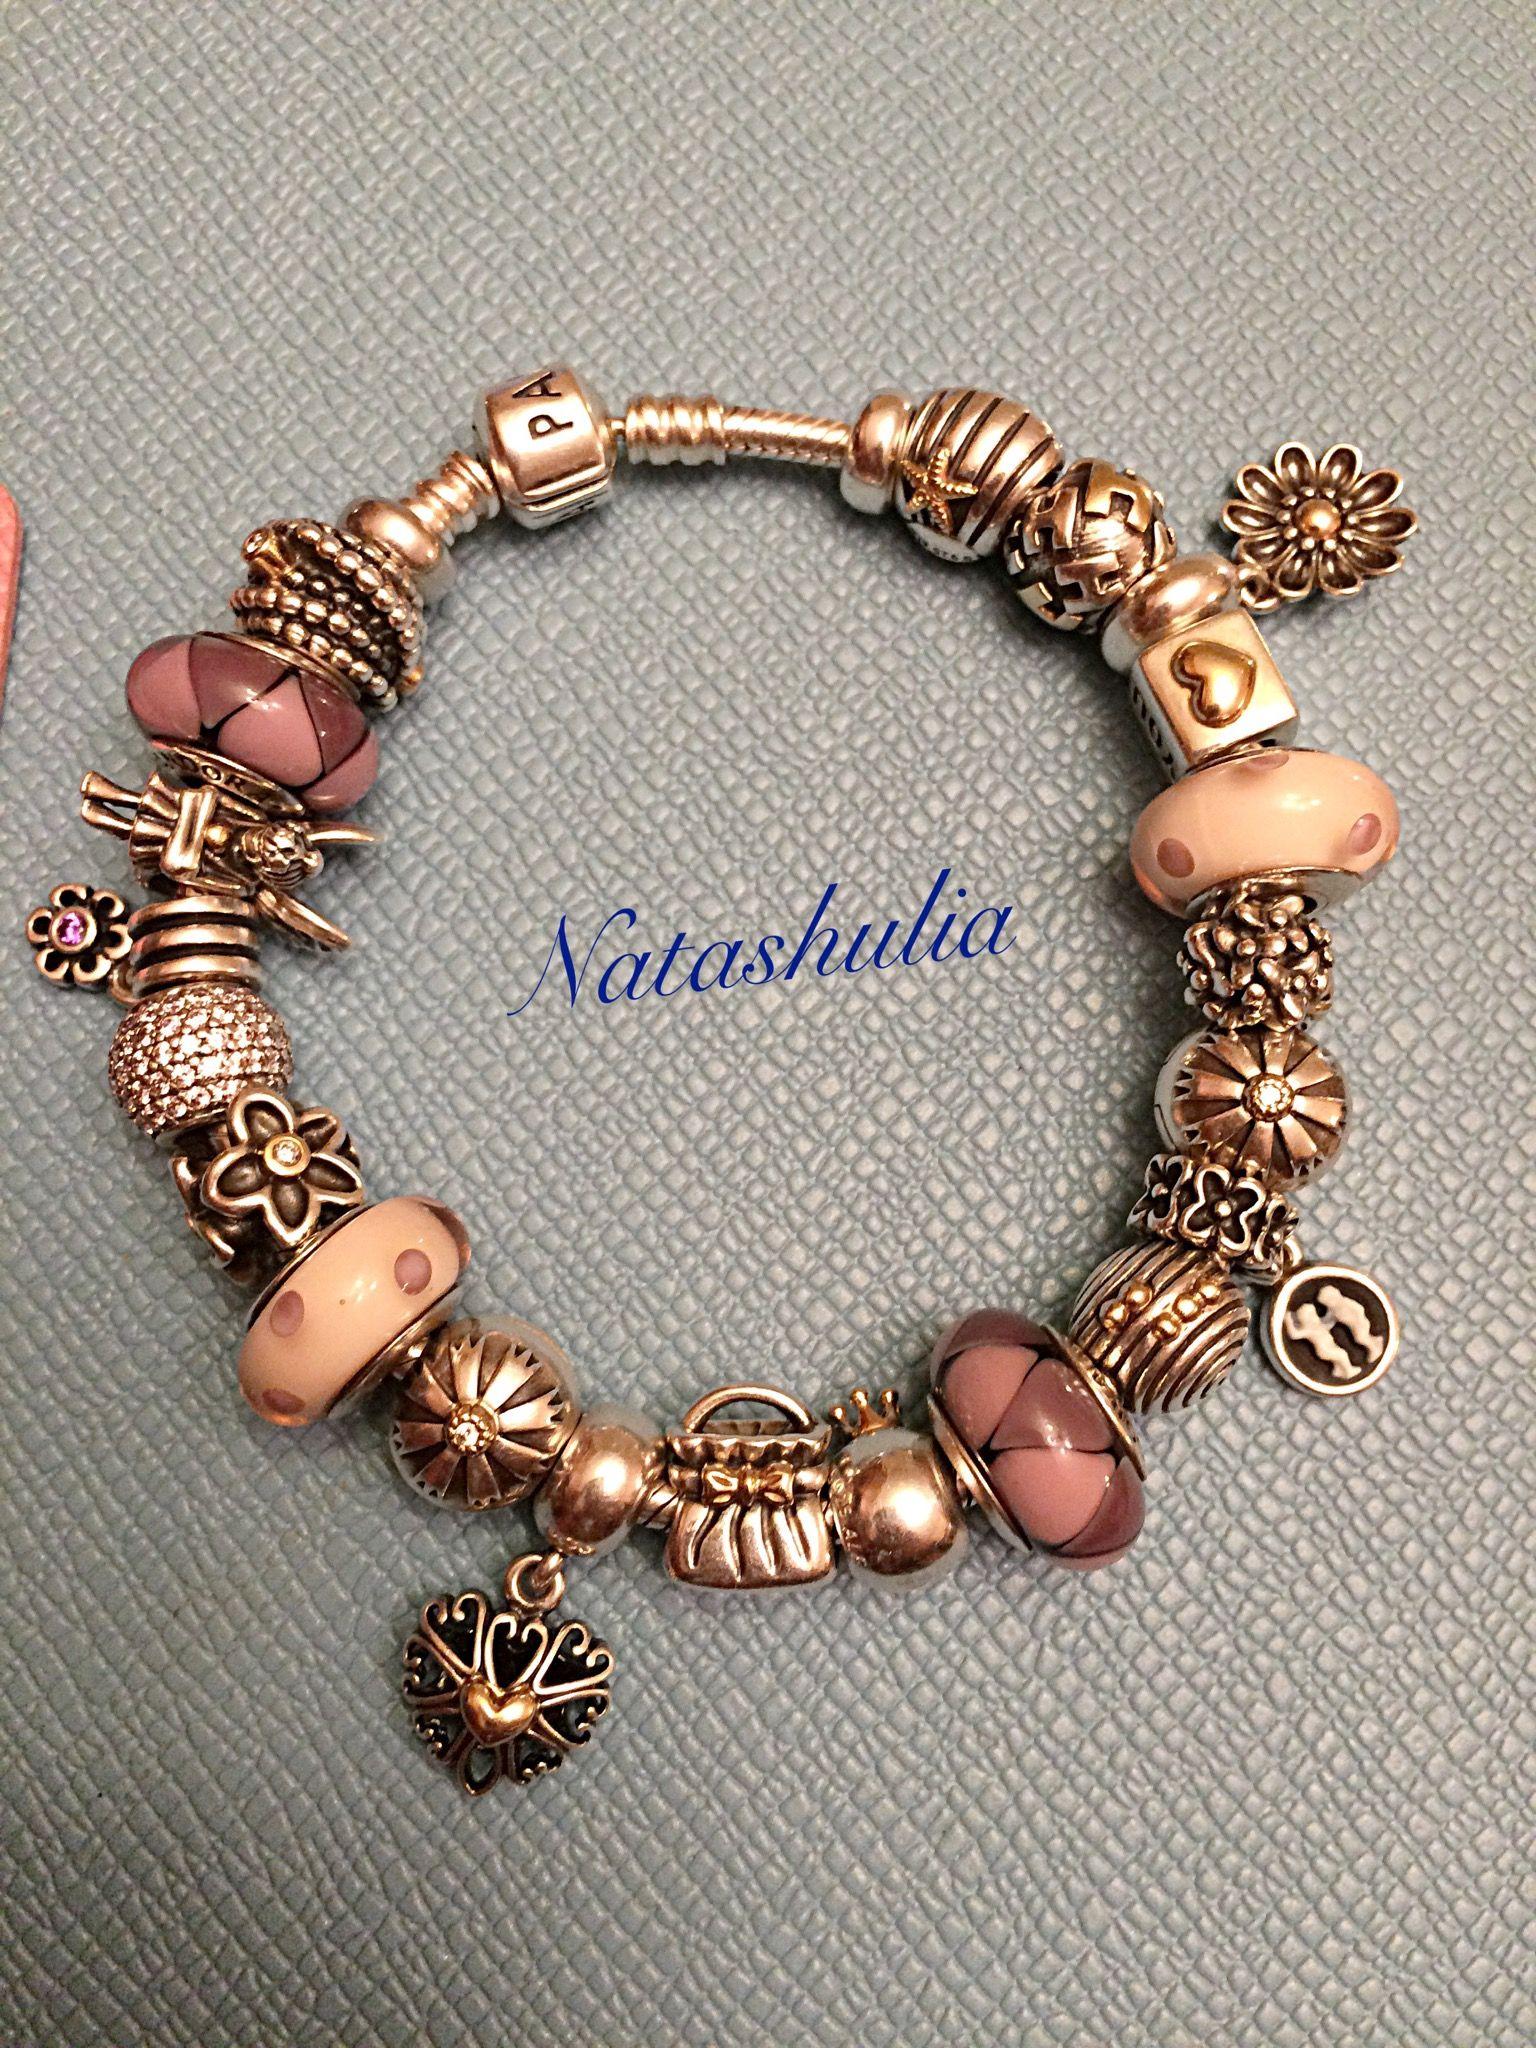 Pin by inna prohorova on pandora bracelets pinterest diva and